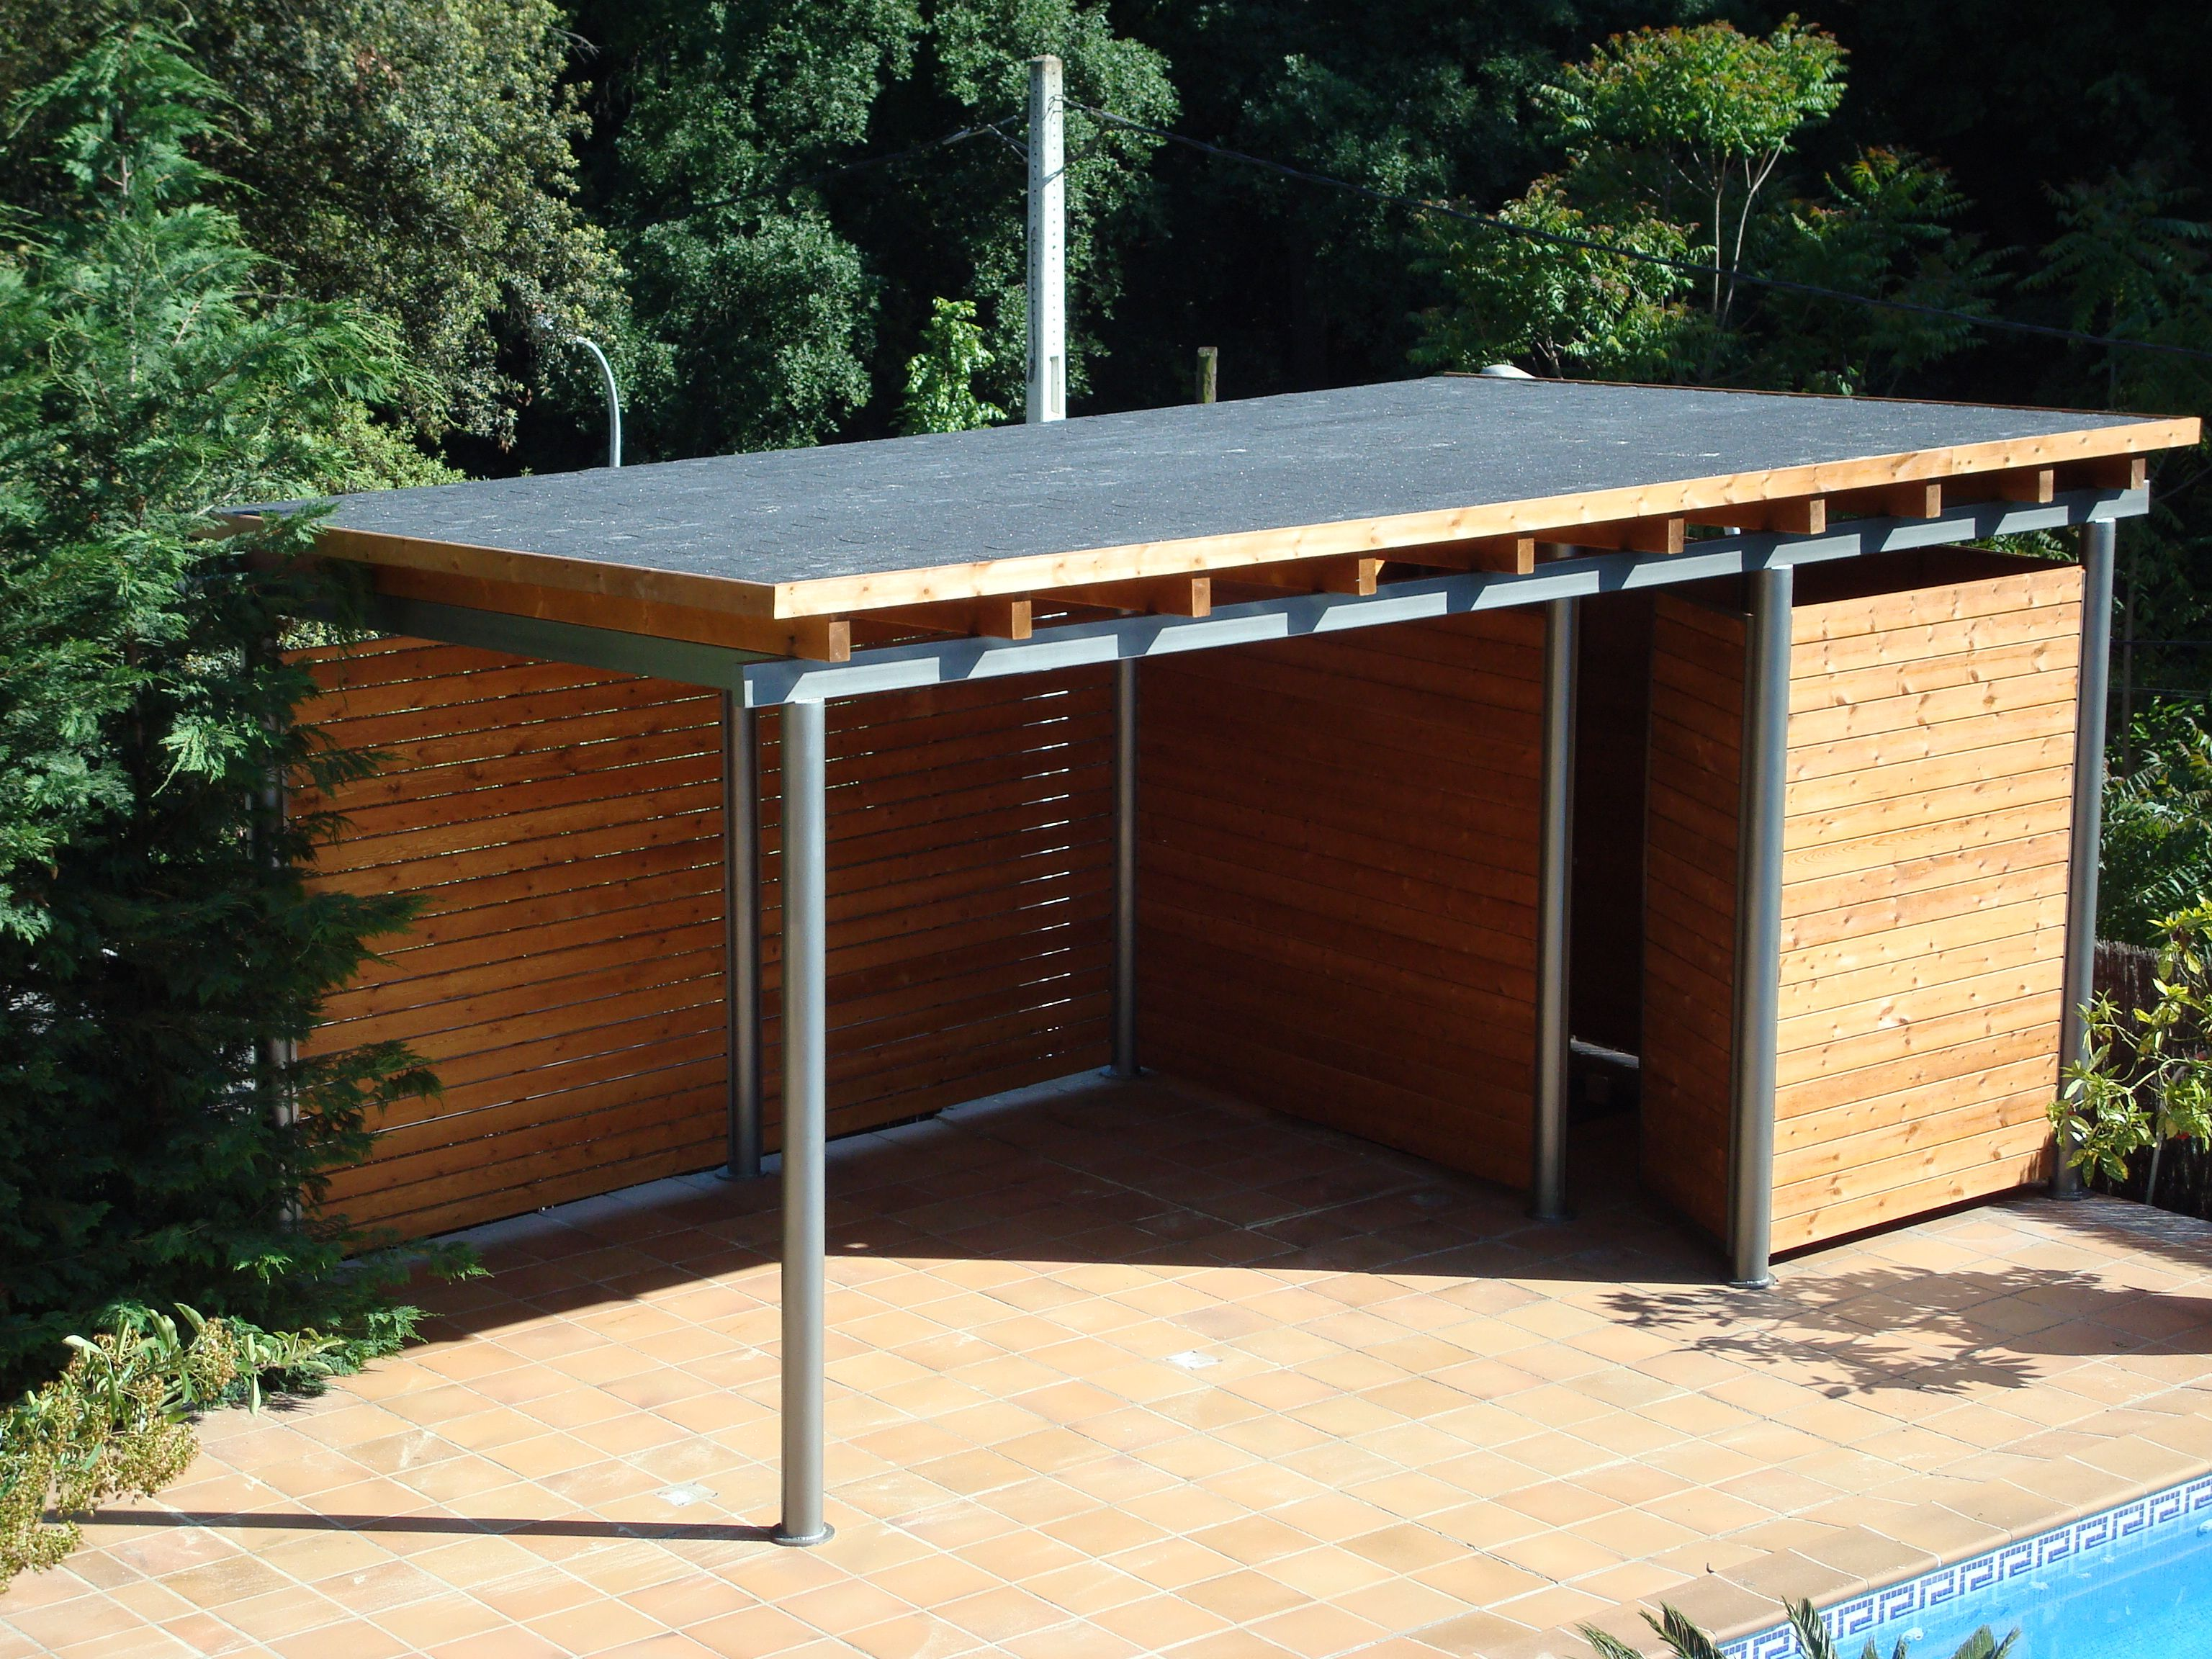 P rgola con estructura de hierro cubierta con techo - Pergola de hierro ...